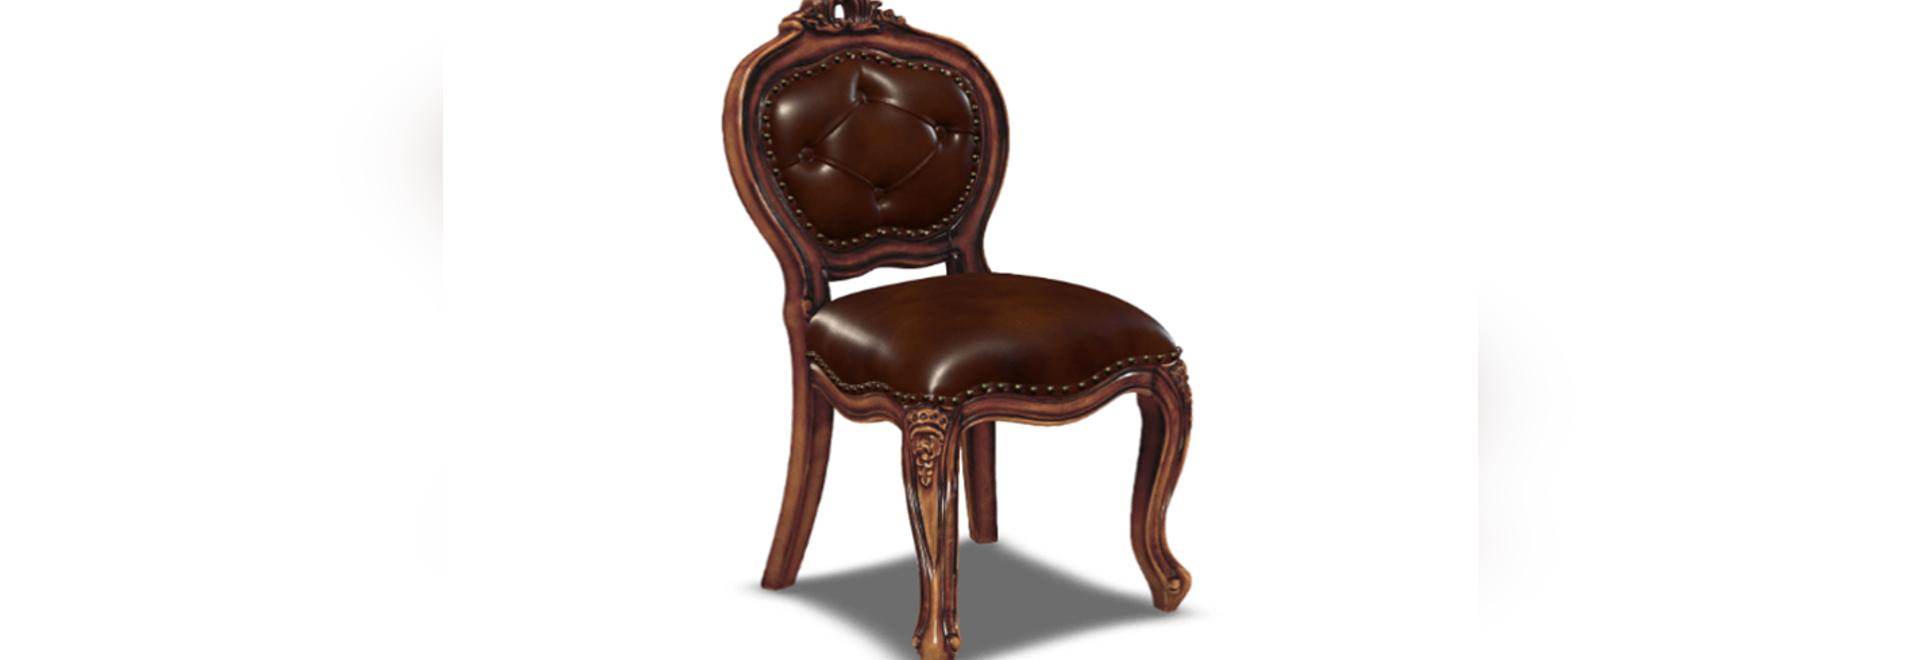 Profitez des meubles 3D pour vos achats virtuels avec EinScan Pro 2X